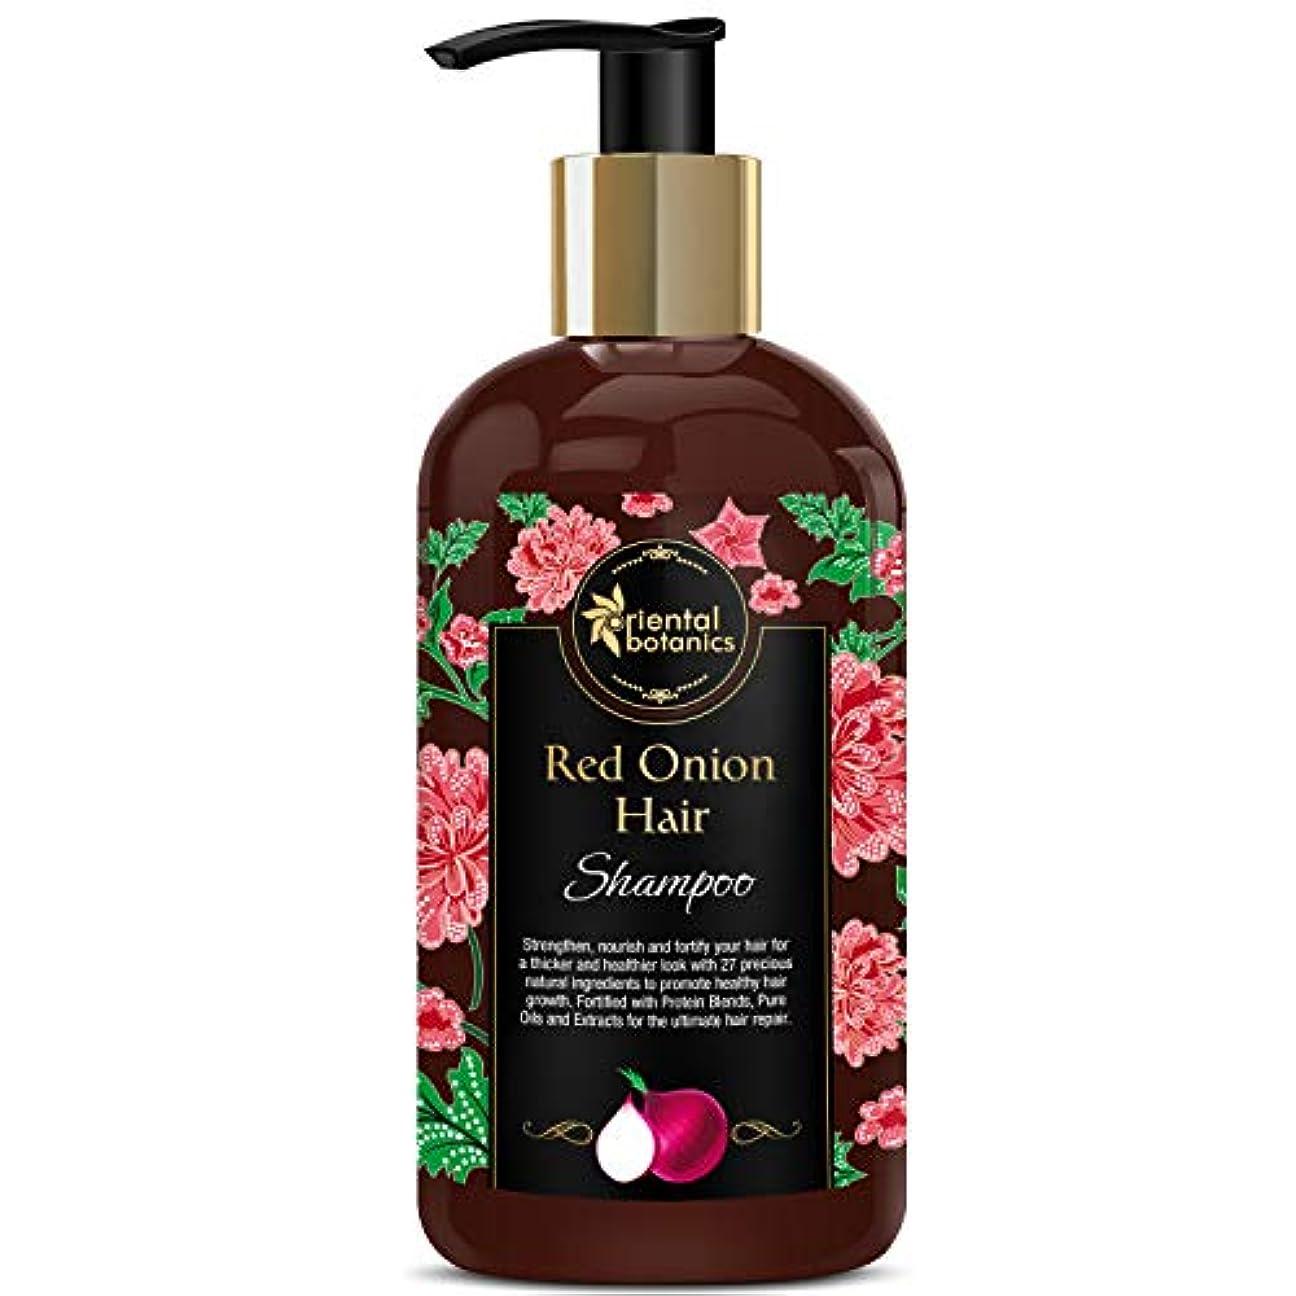 砲撃大事にするリファインOriental Botanics Red Onion Hair Growth Shampoo, 300ml - With 27 Hair Boosters Controls Hair Loss & Promotes Healthy...